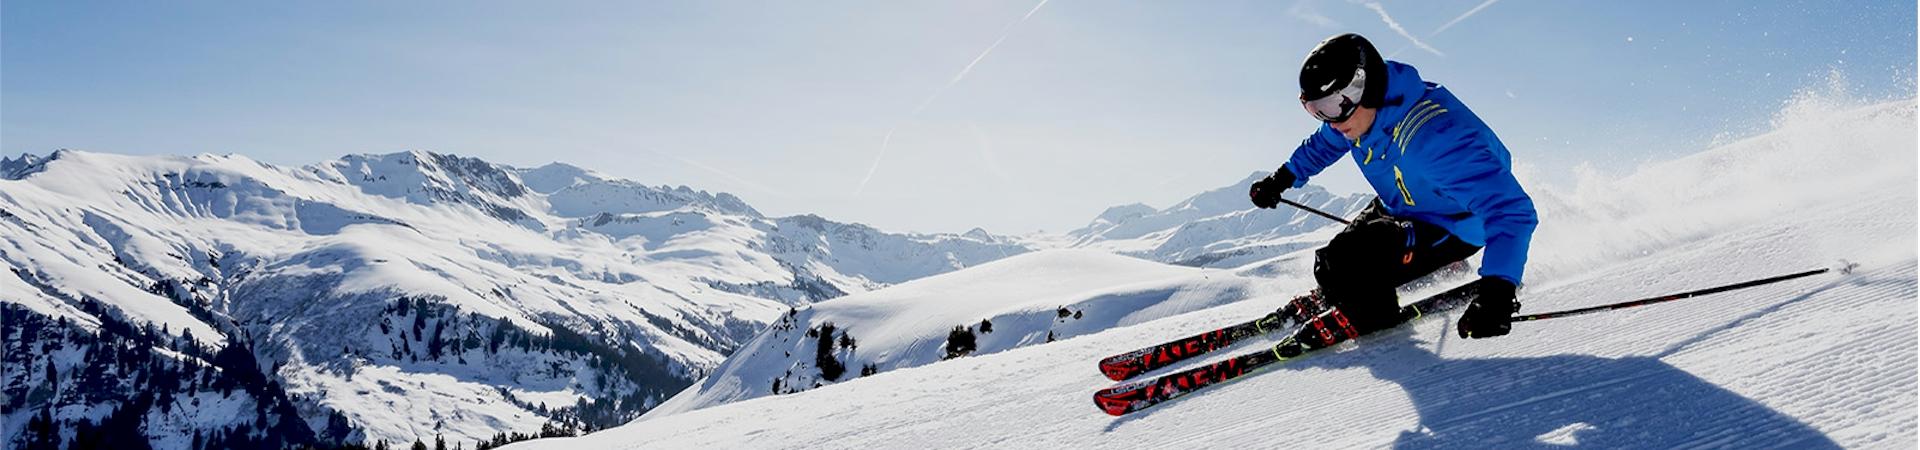 ביטוח לחופשת סקי